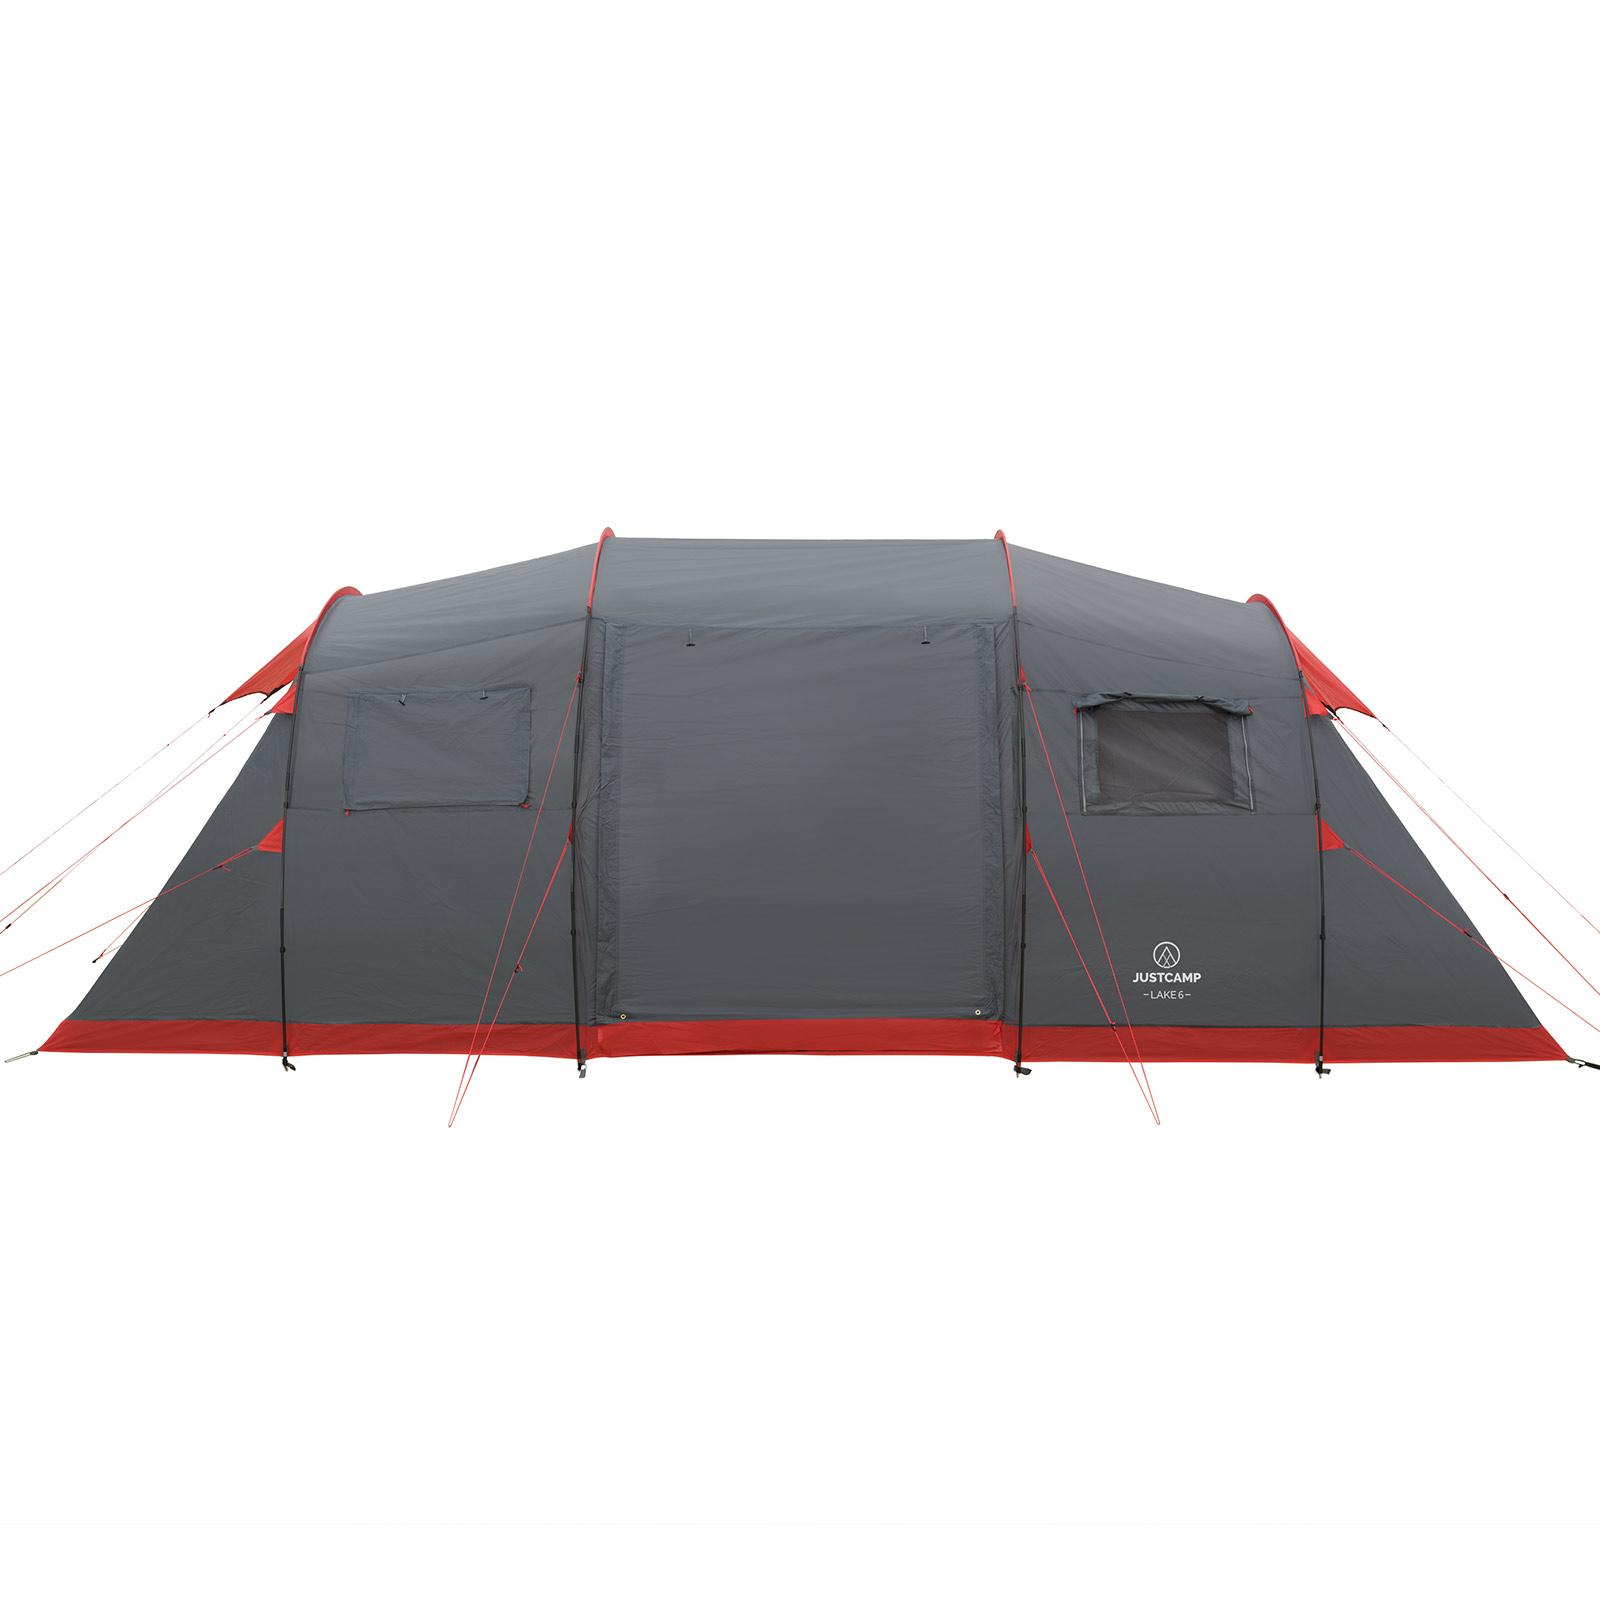 Zelte Familienzelt JUSTCAMP Lake 6 Personen Zelt mit